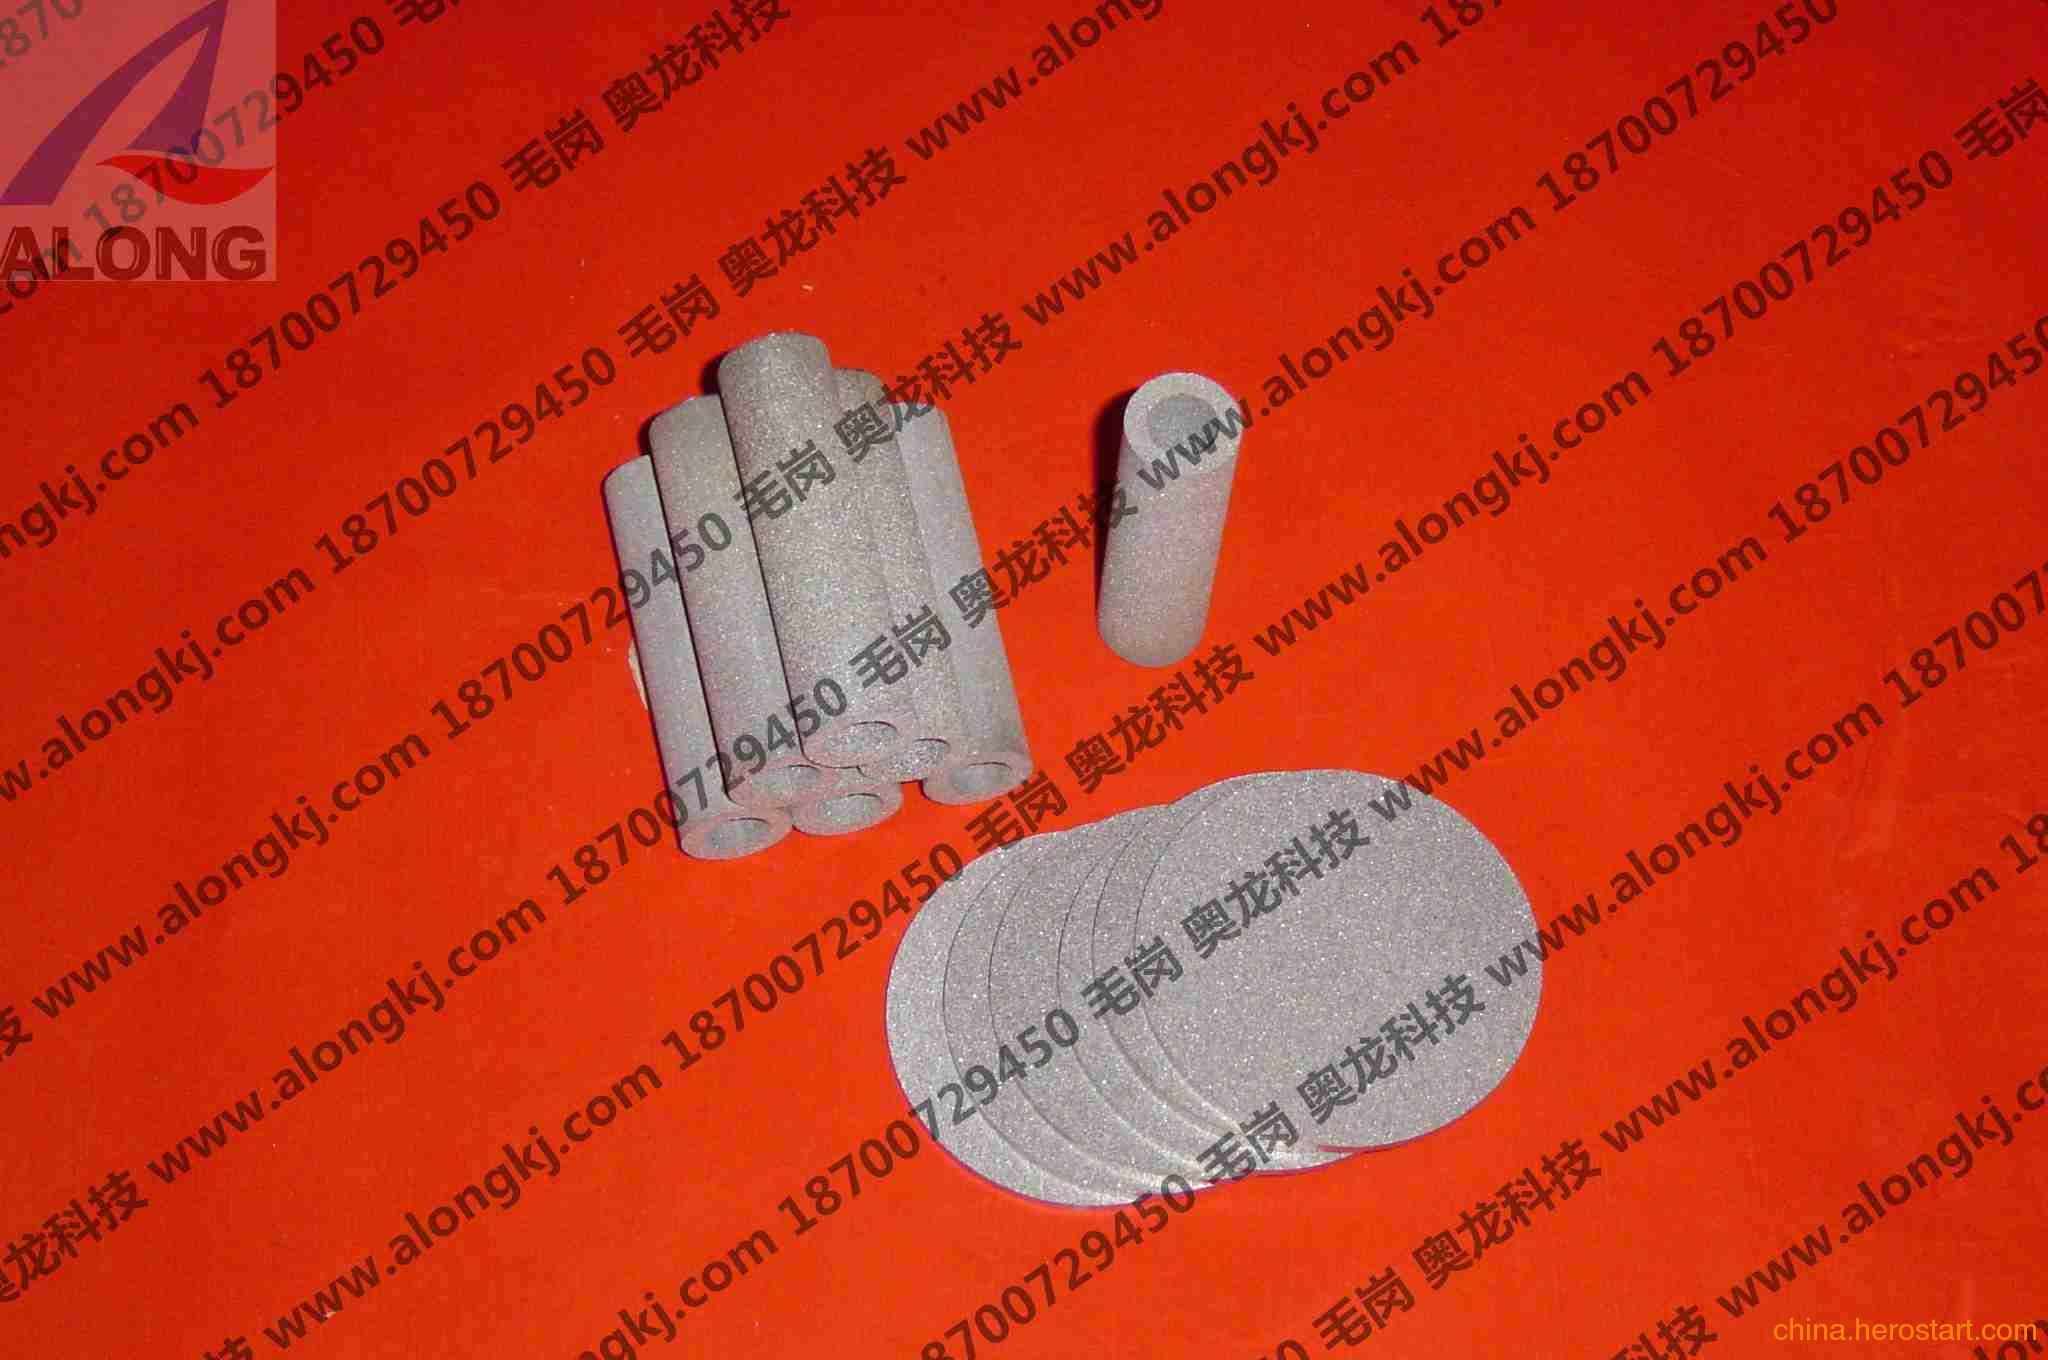 供应金属粉末烧结滤材 金属粉末烧结微孔多孔过滤材料及元件